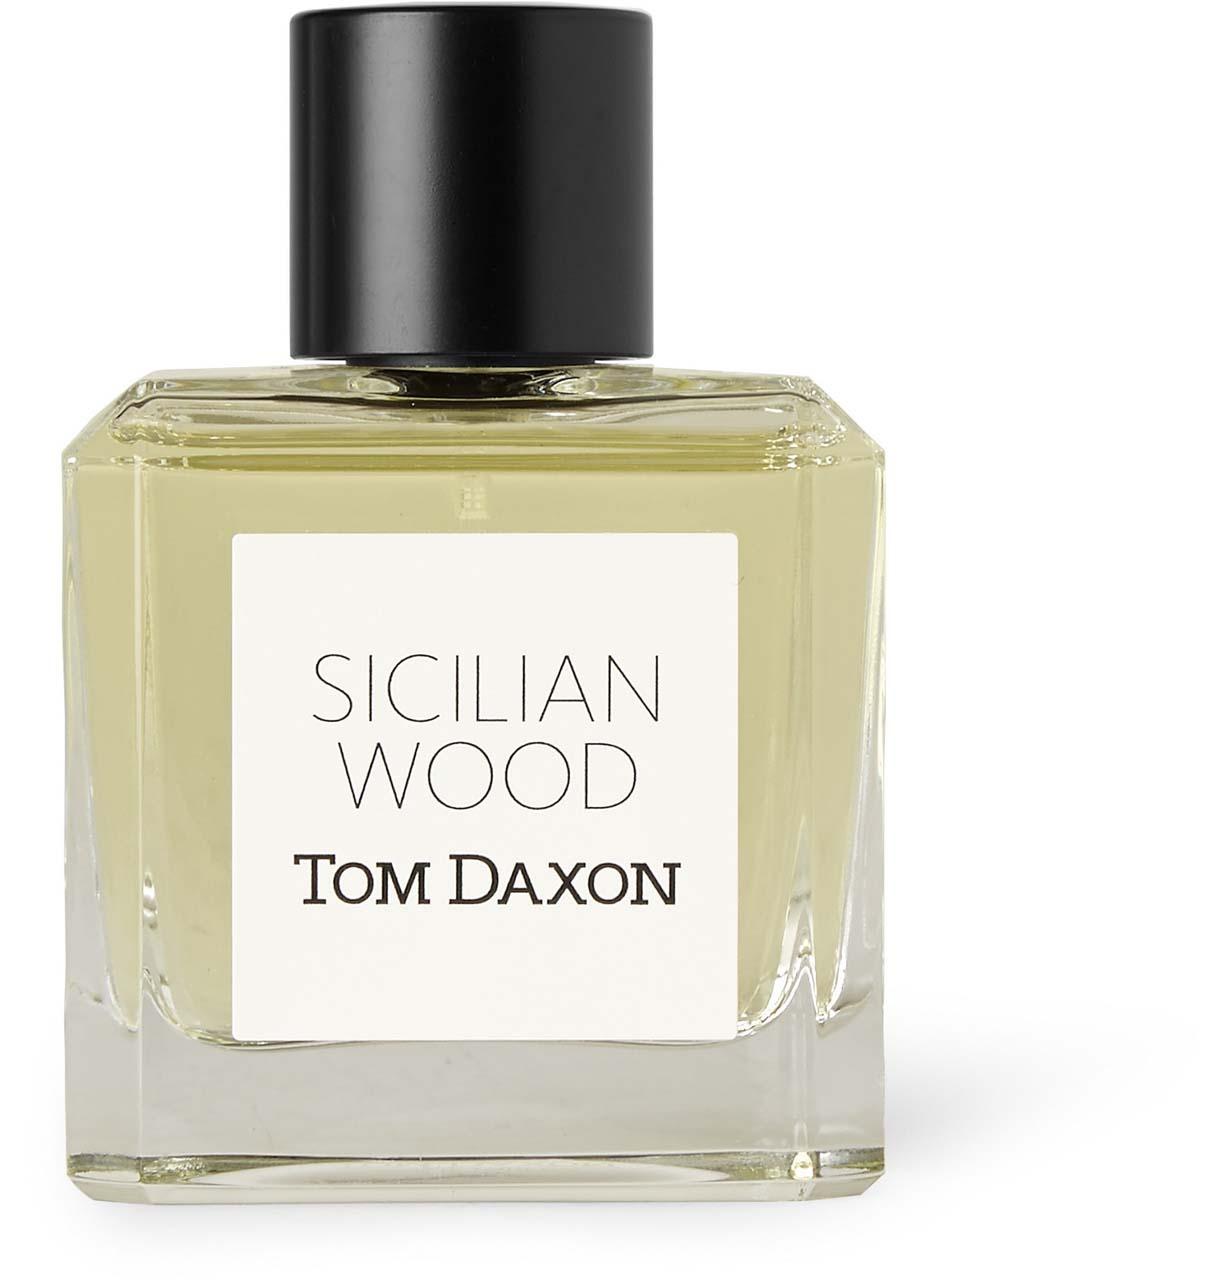 Tom Daxon, Sicilian Wood,